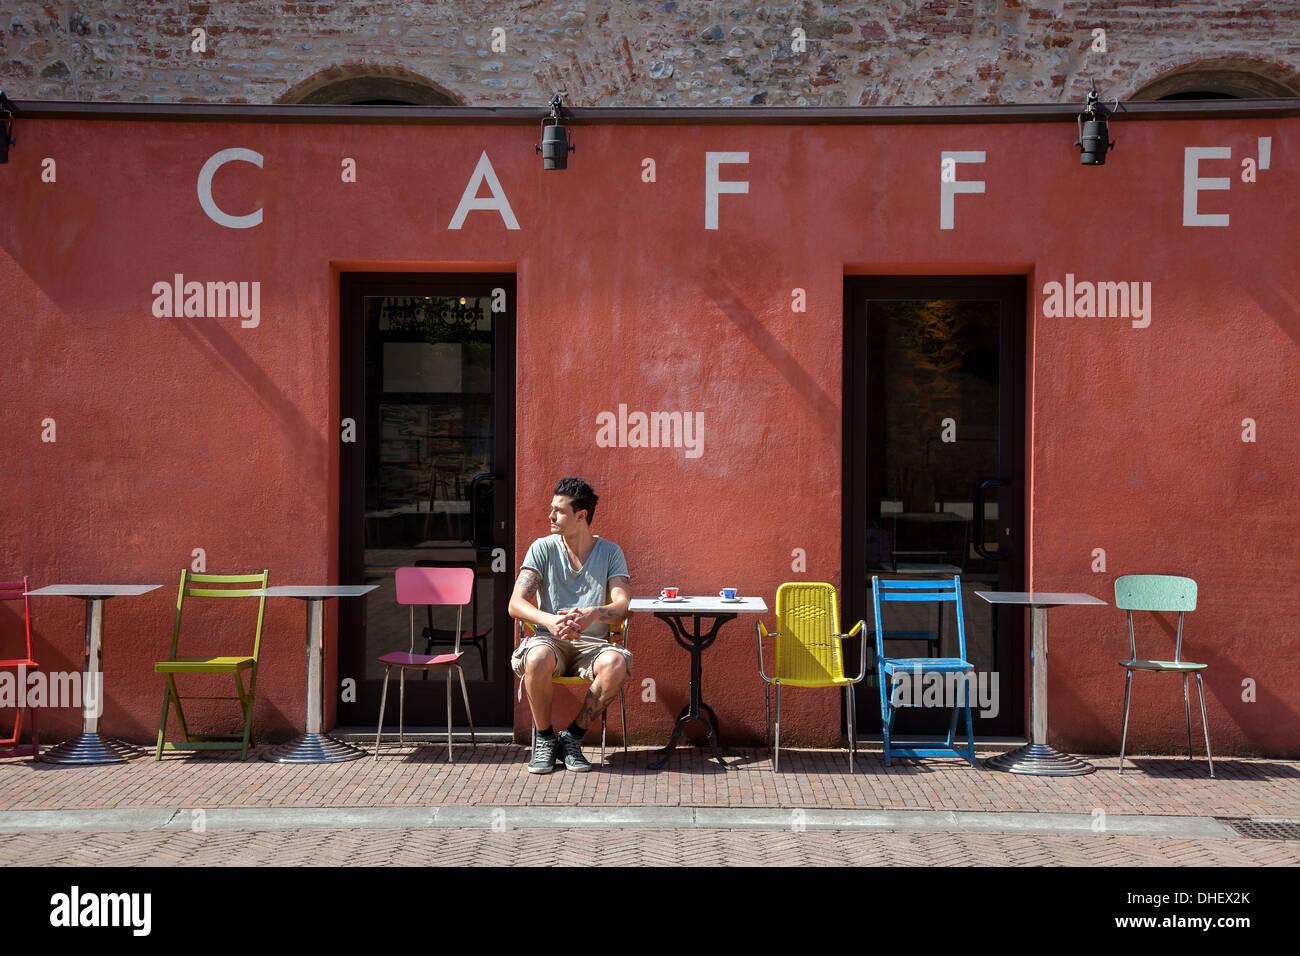 Joven sentado fuera de la cafetería, Florencia, Toscana, Italia Imagen De Stock